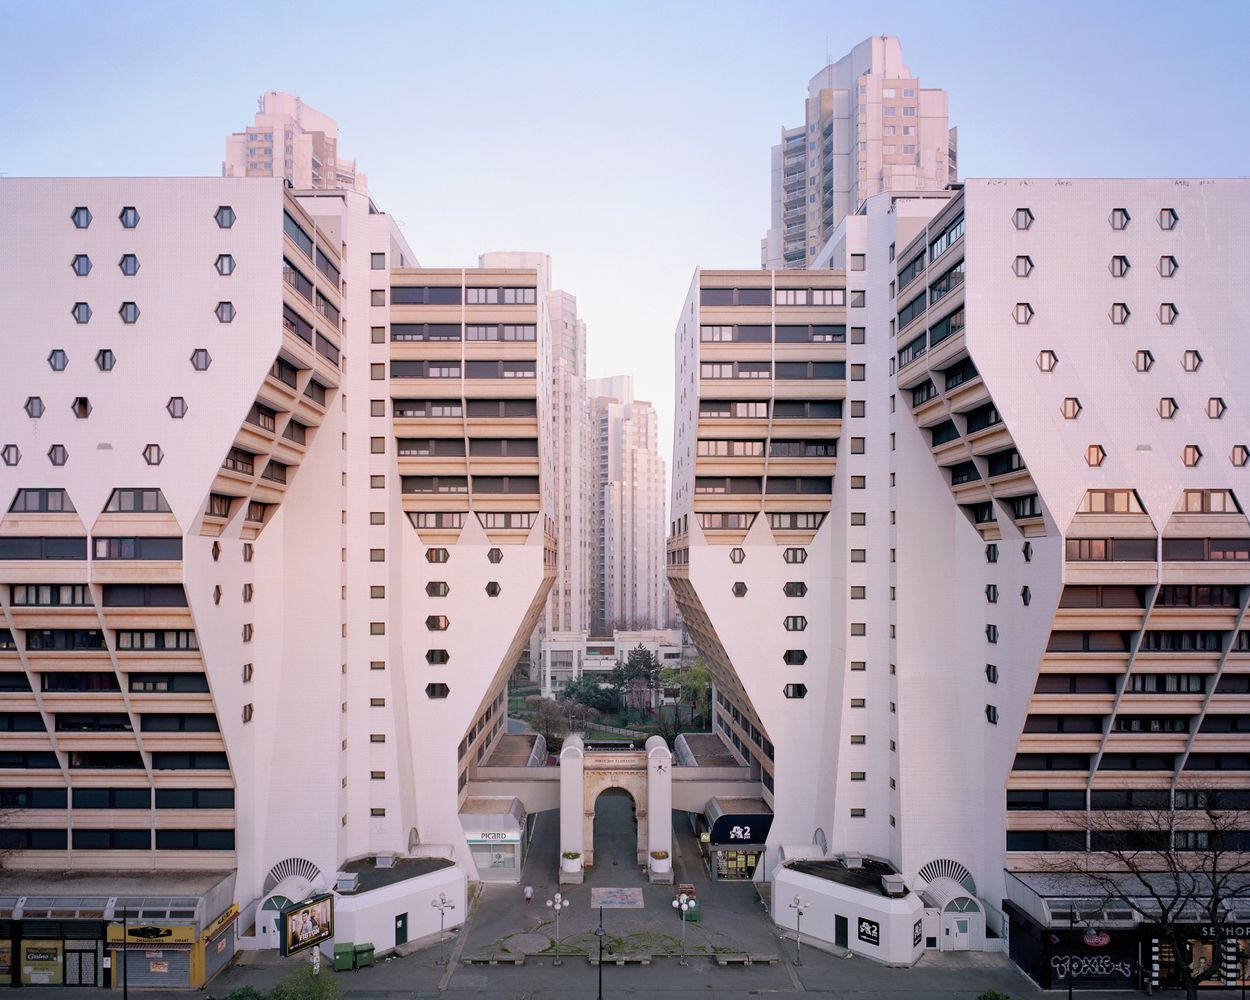 Entre pass et futur cette architecture de banlieue qui for Architecture futuriste